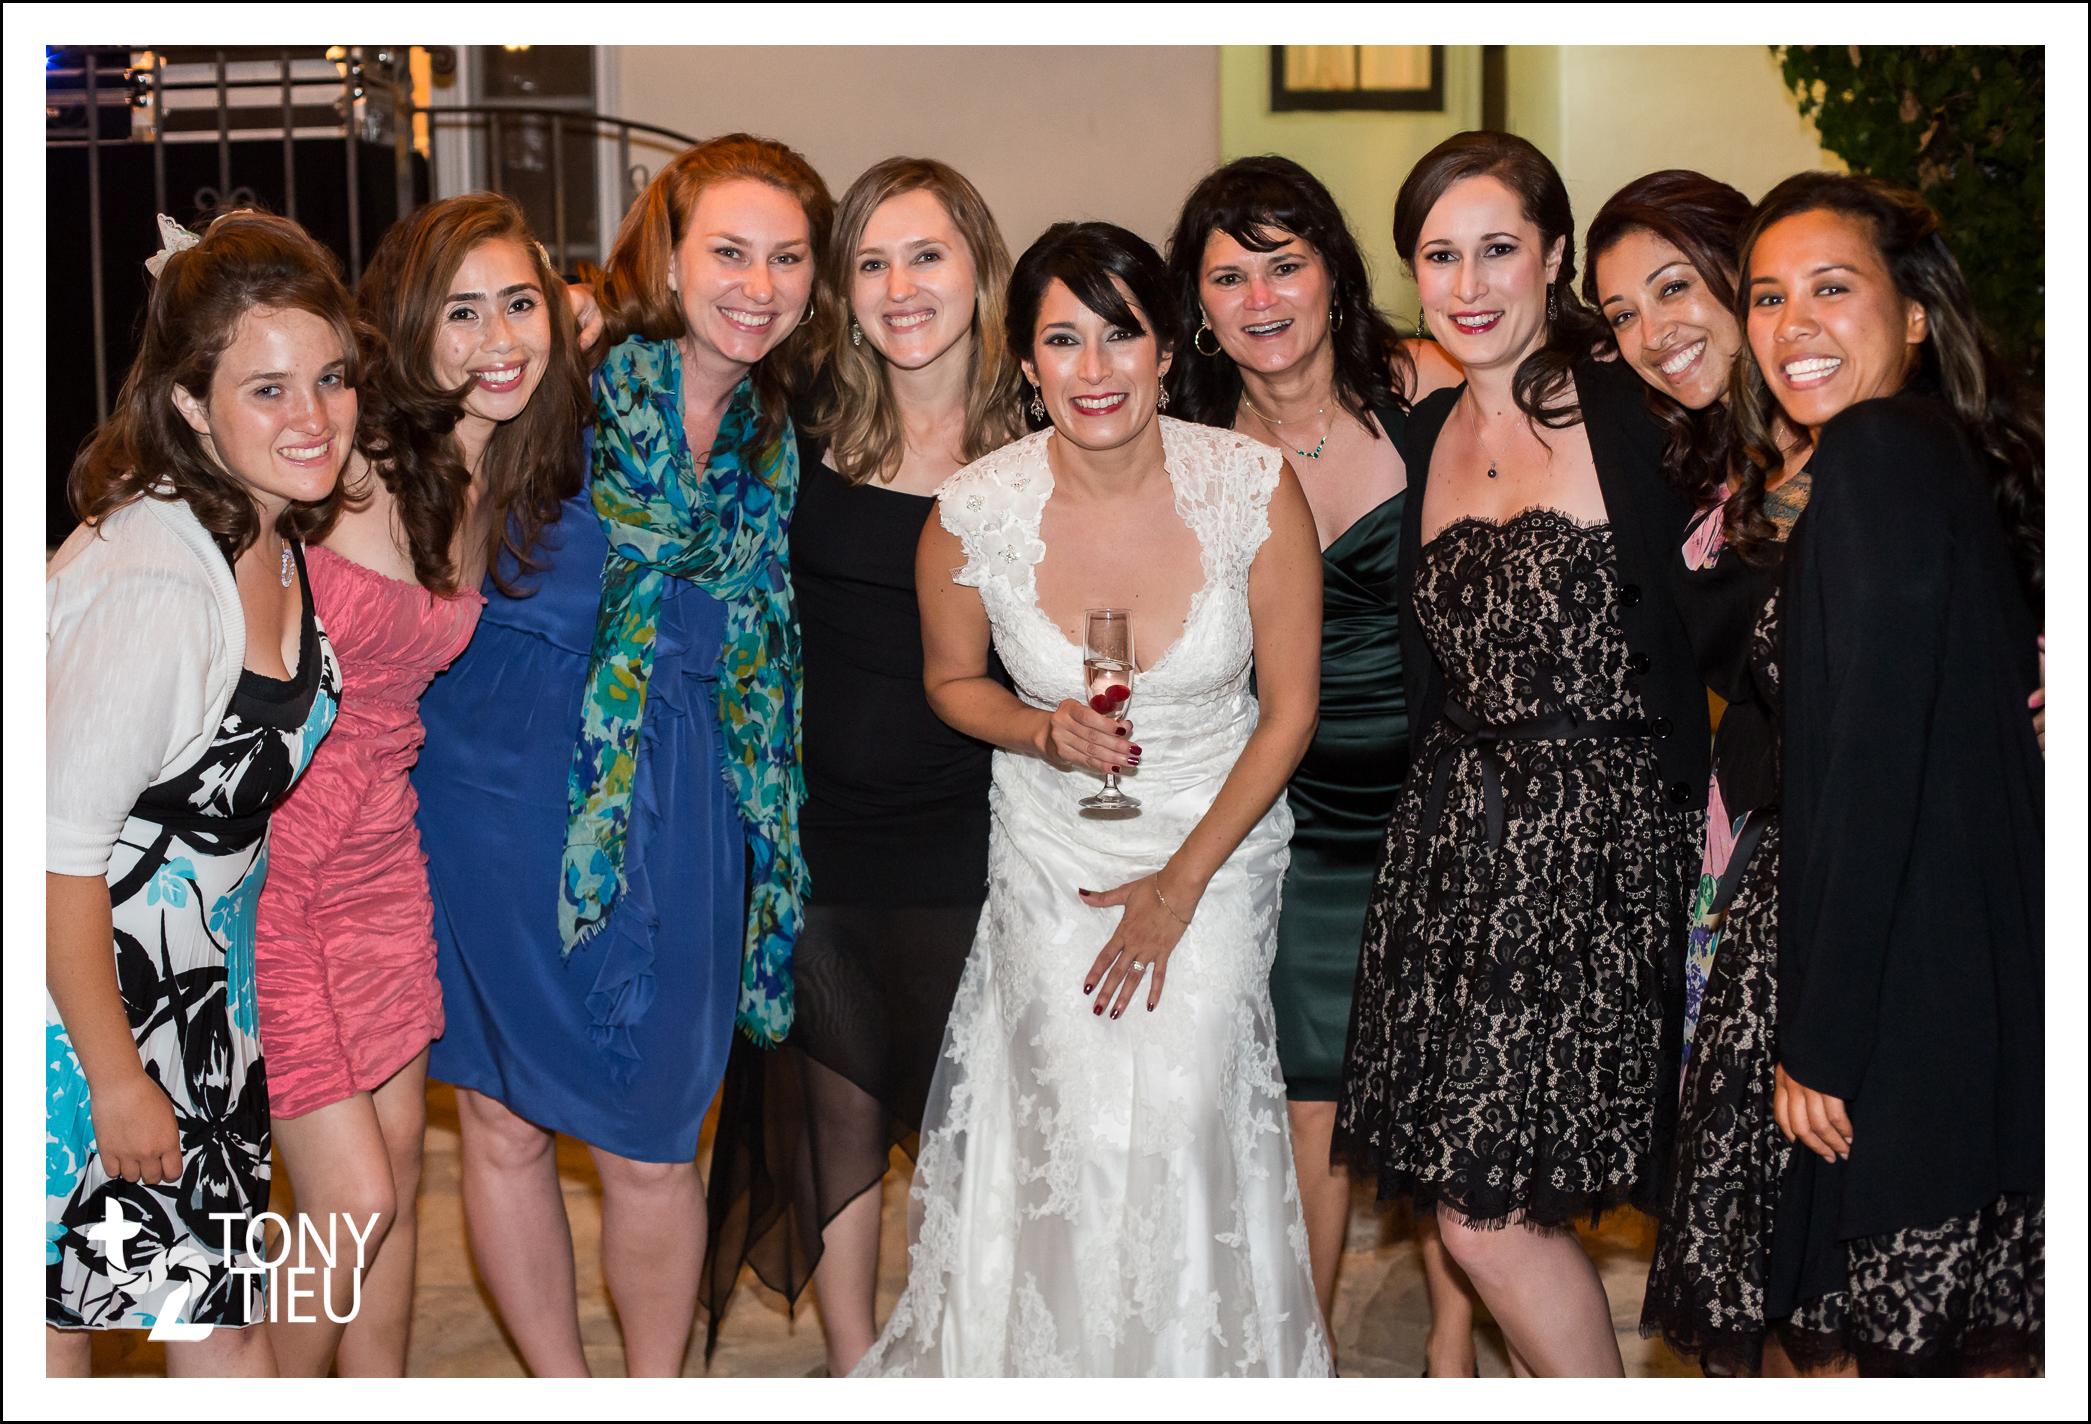 Tony_Tieu_Audrey_ Wedding_8